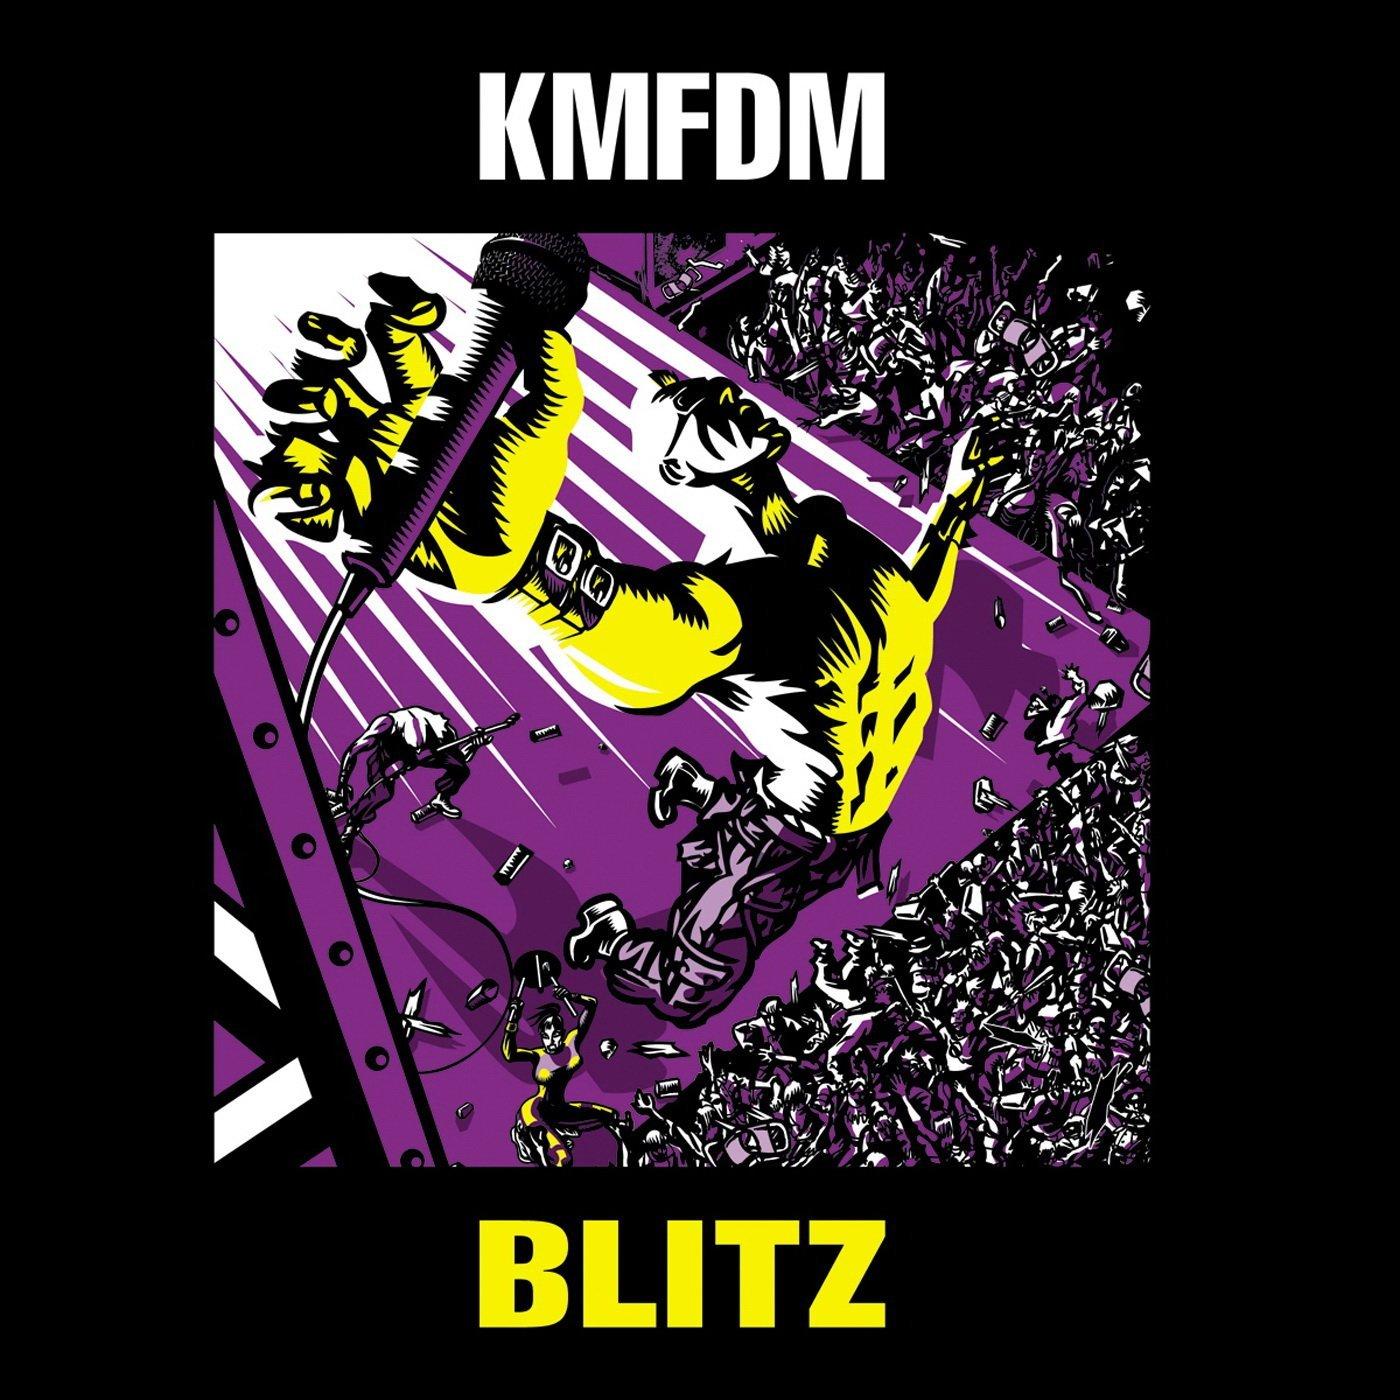 KMFDM: Blitz (2009) Book Cover